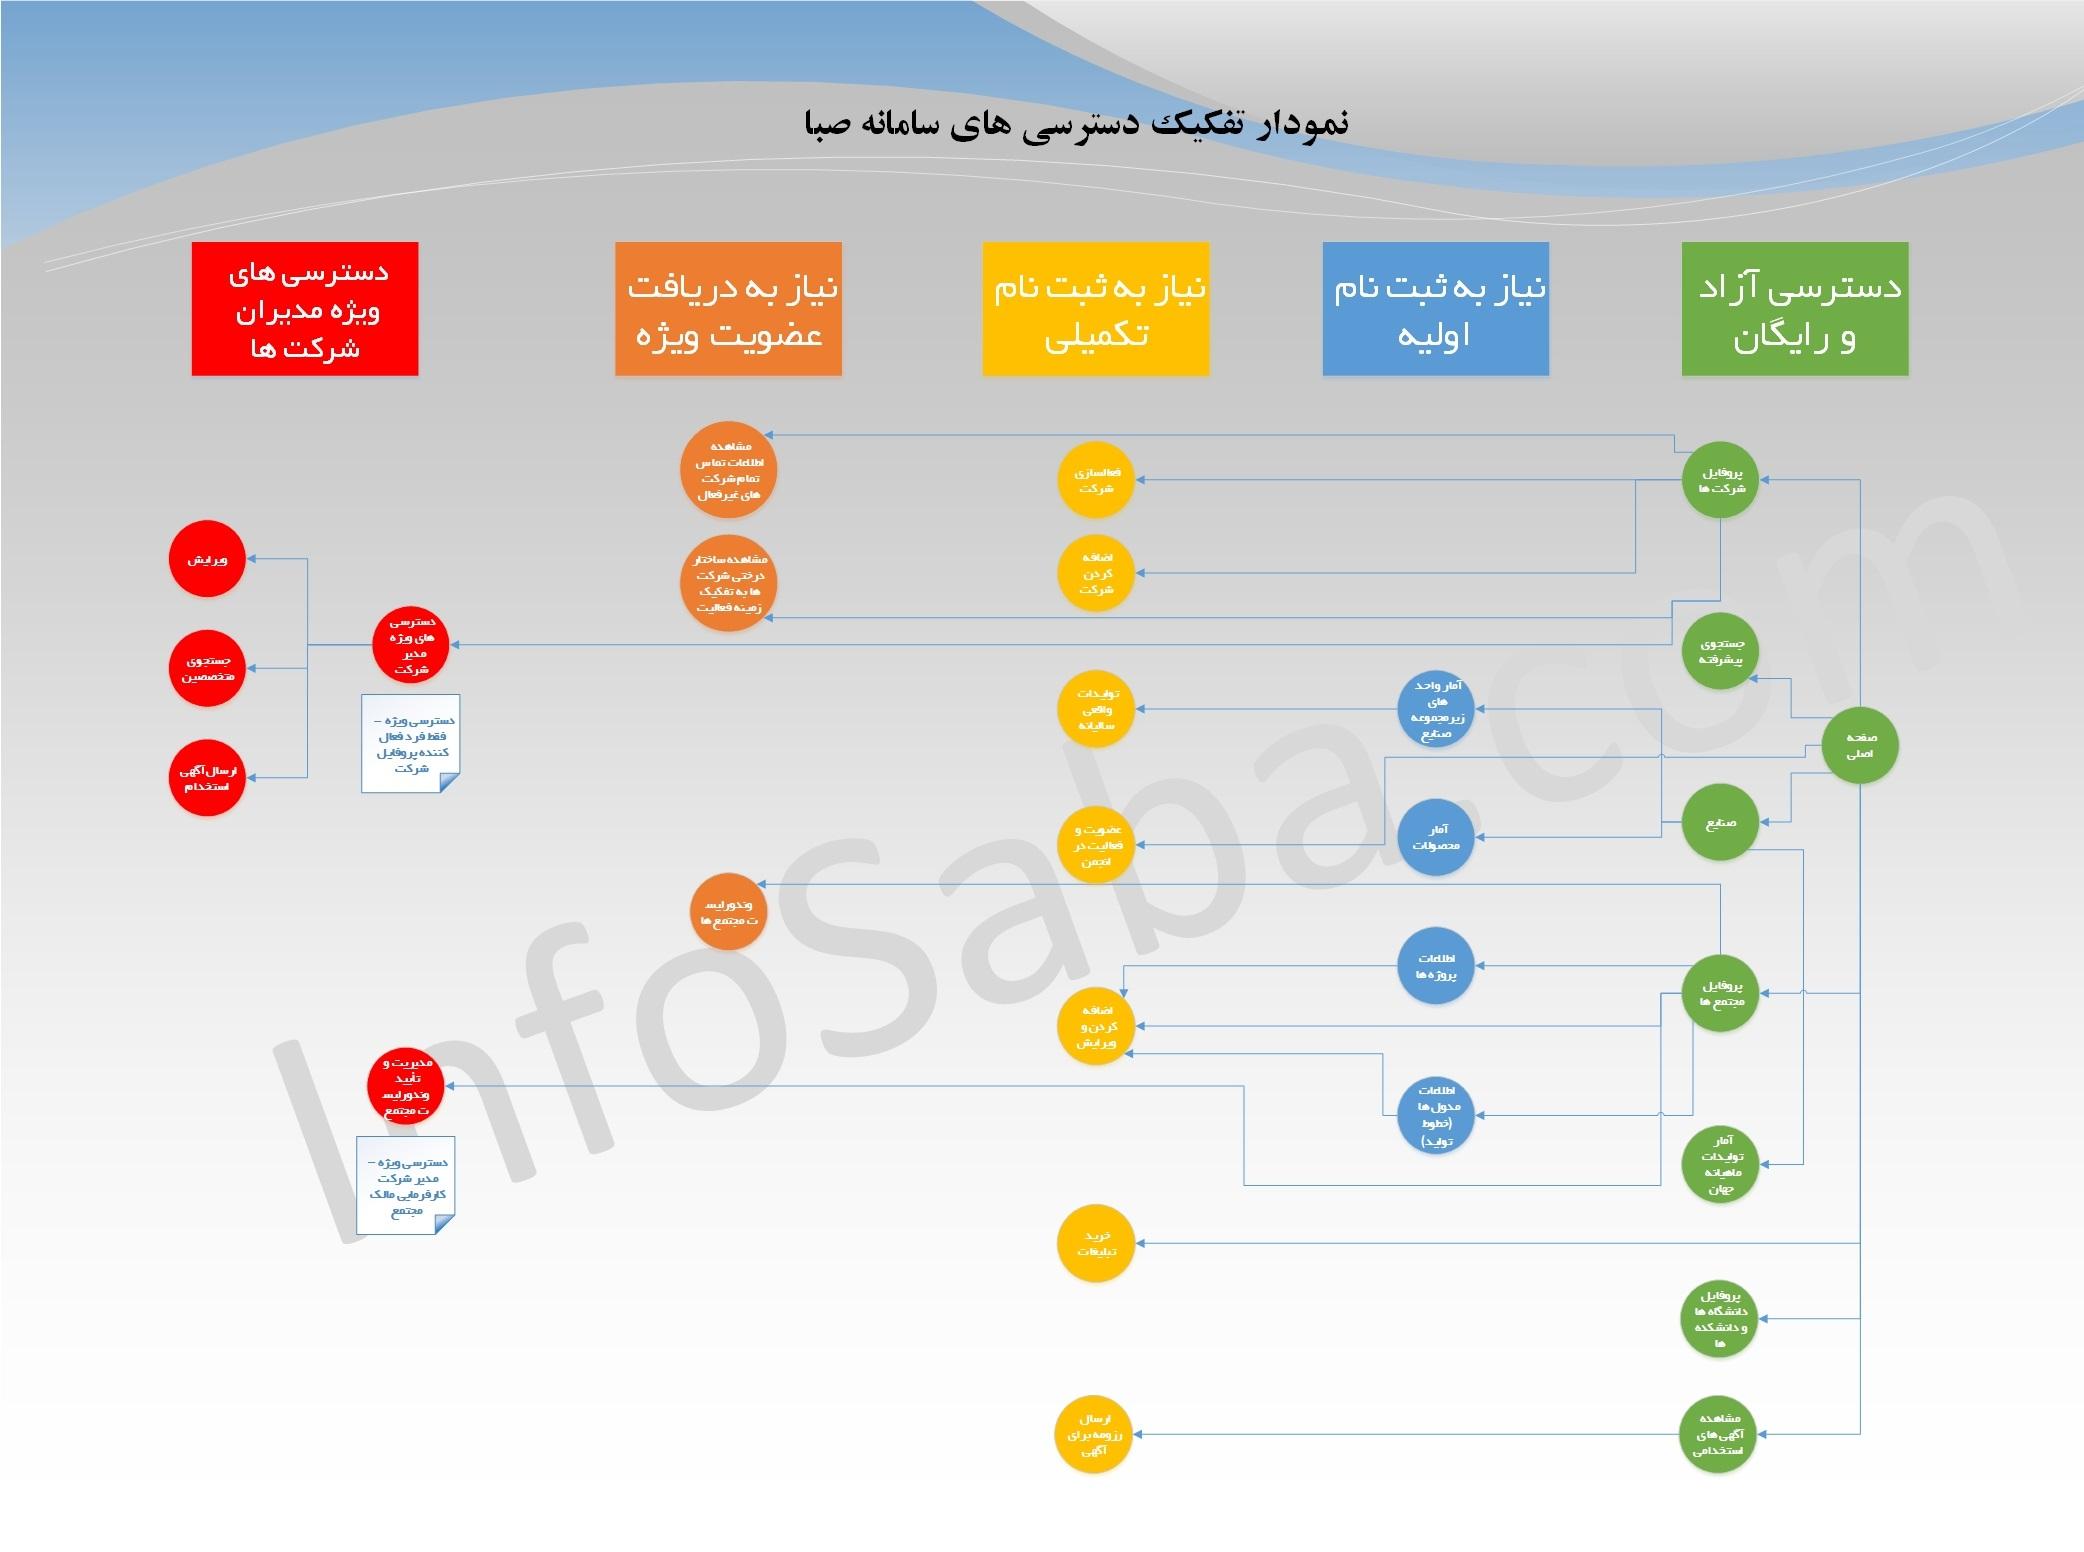 نمودار دسترسی های سامانه صبا